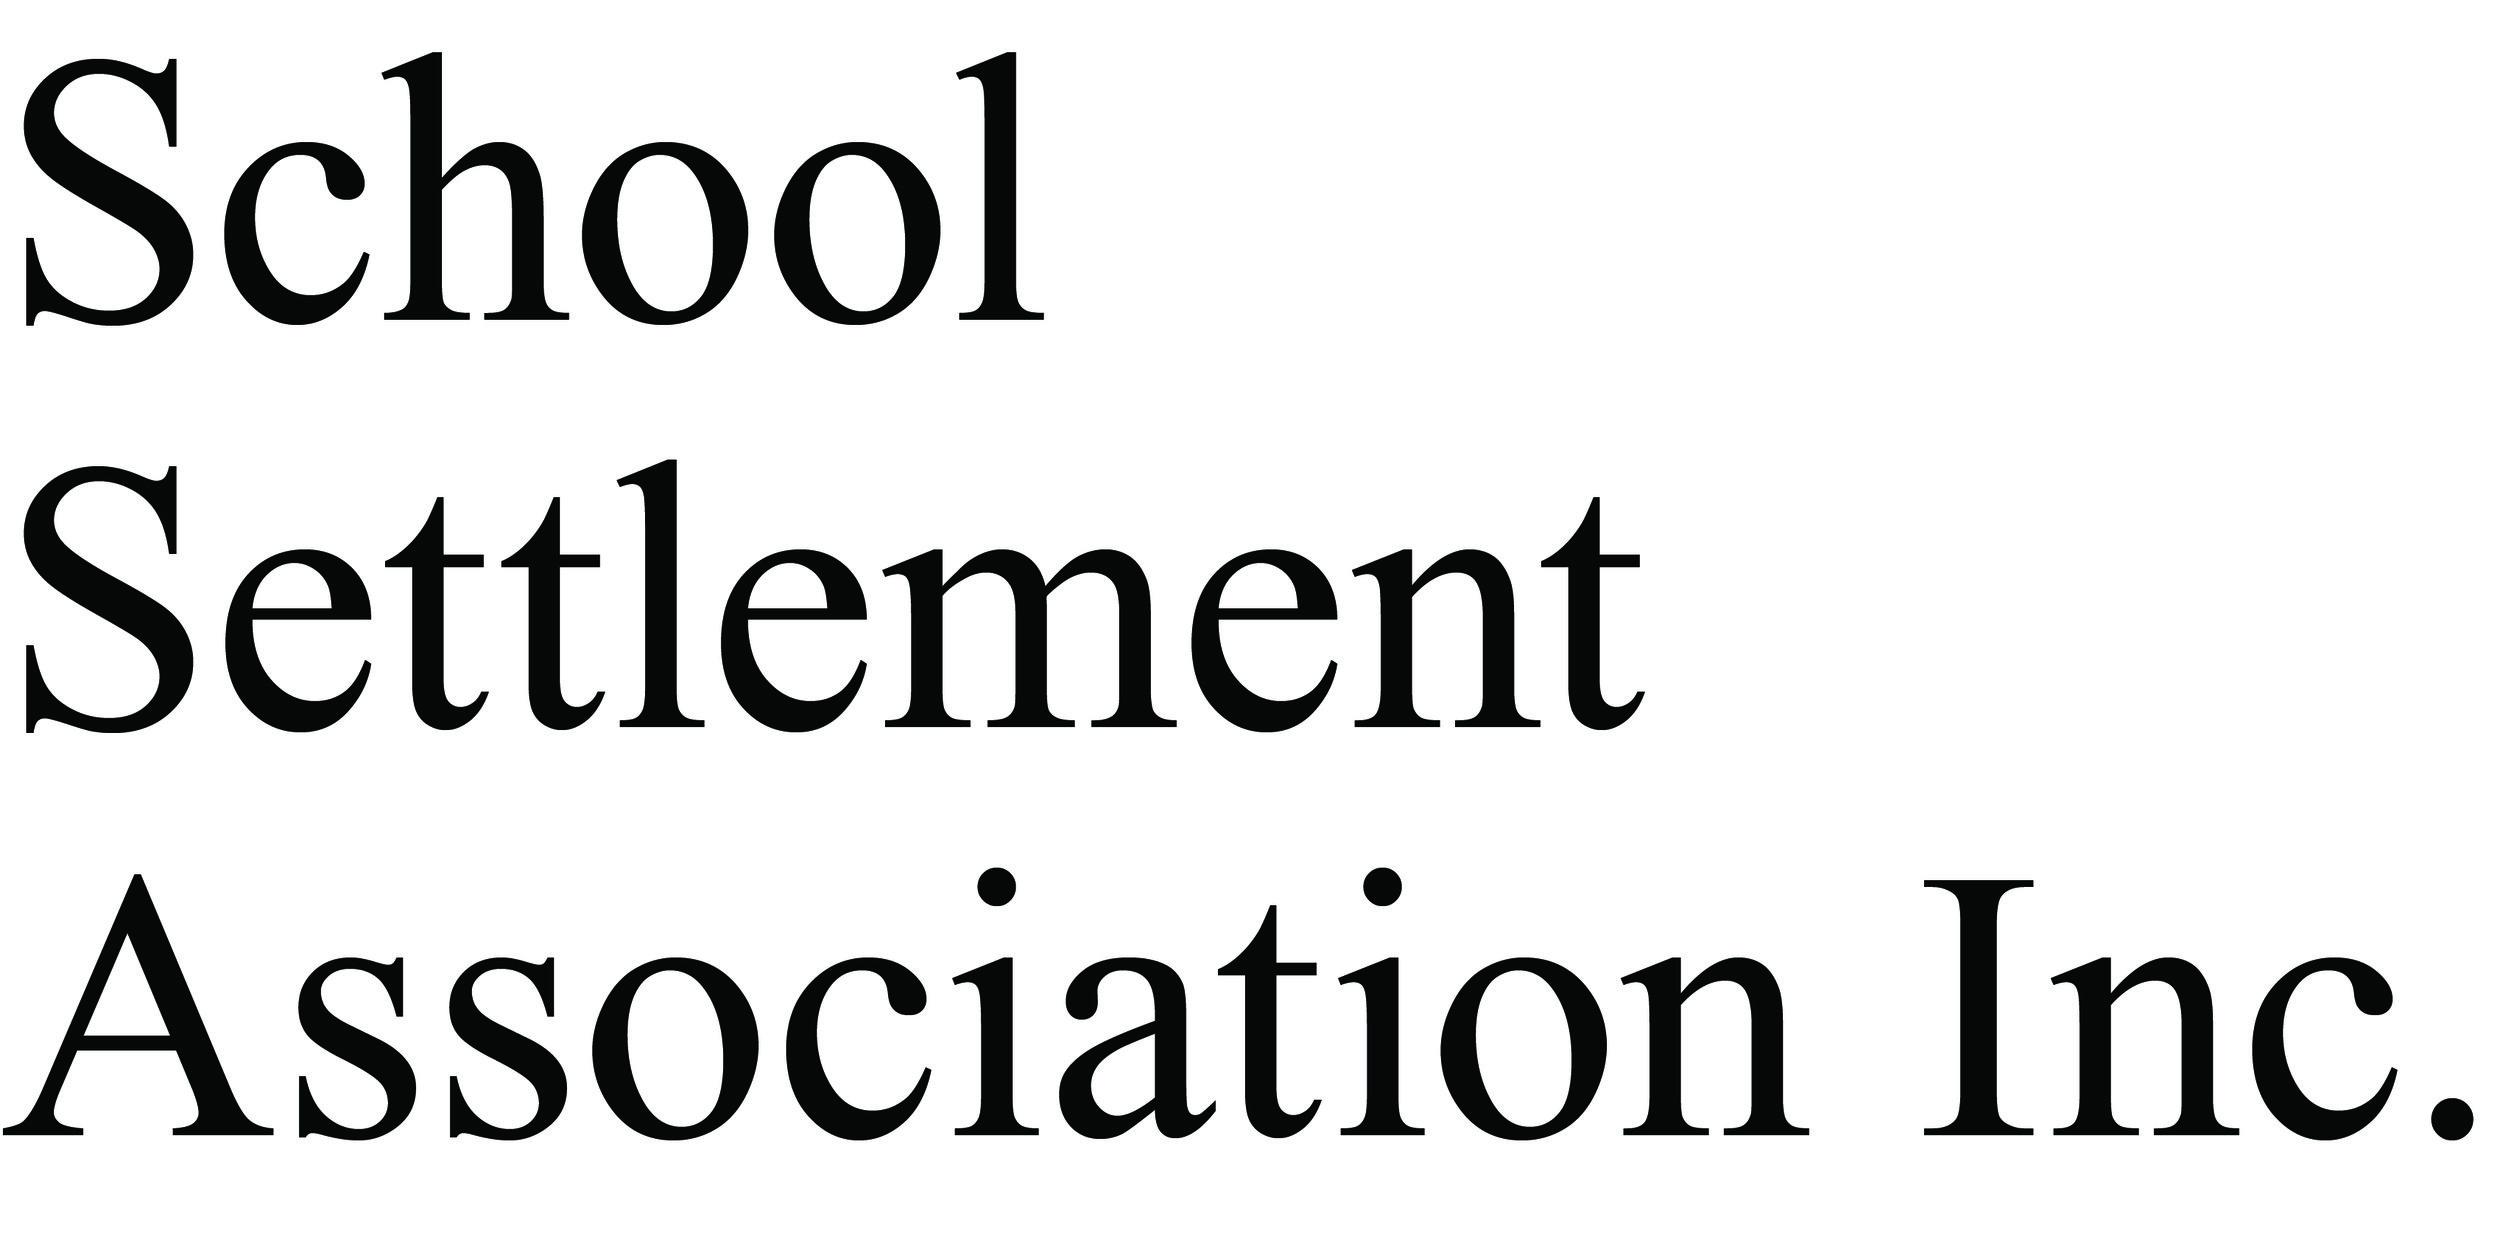 School Settlement Association Inc.